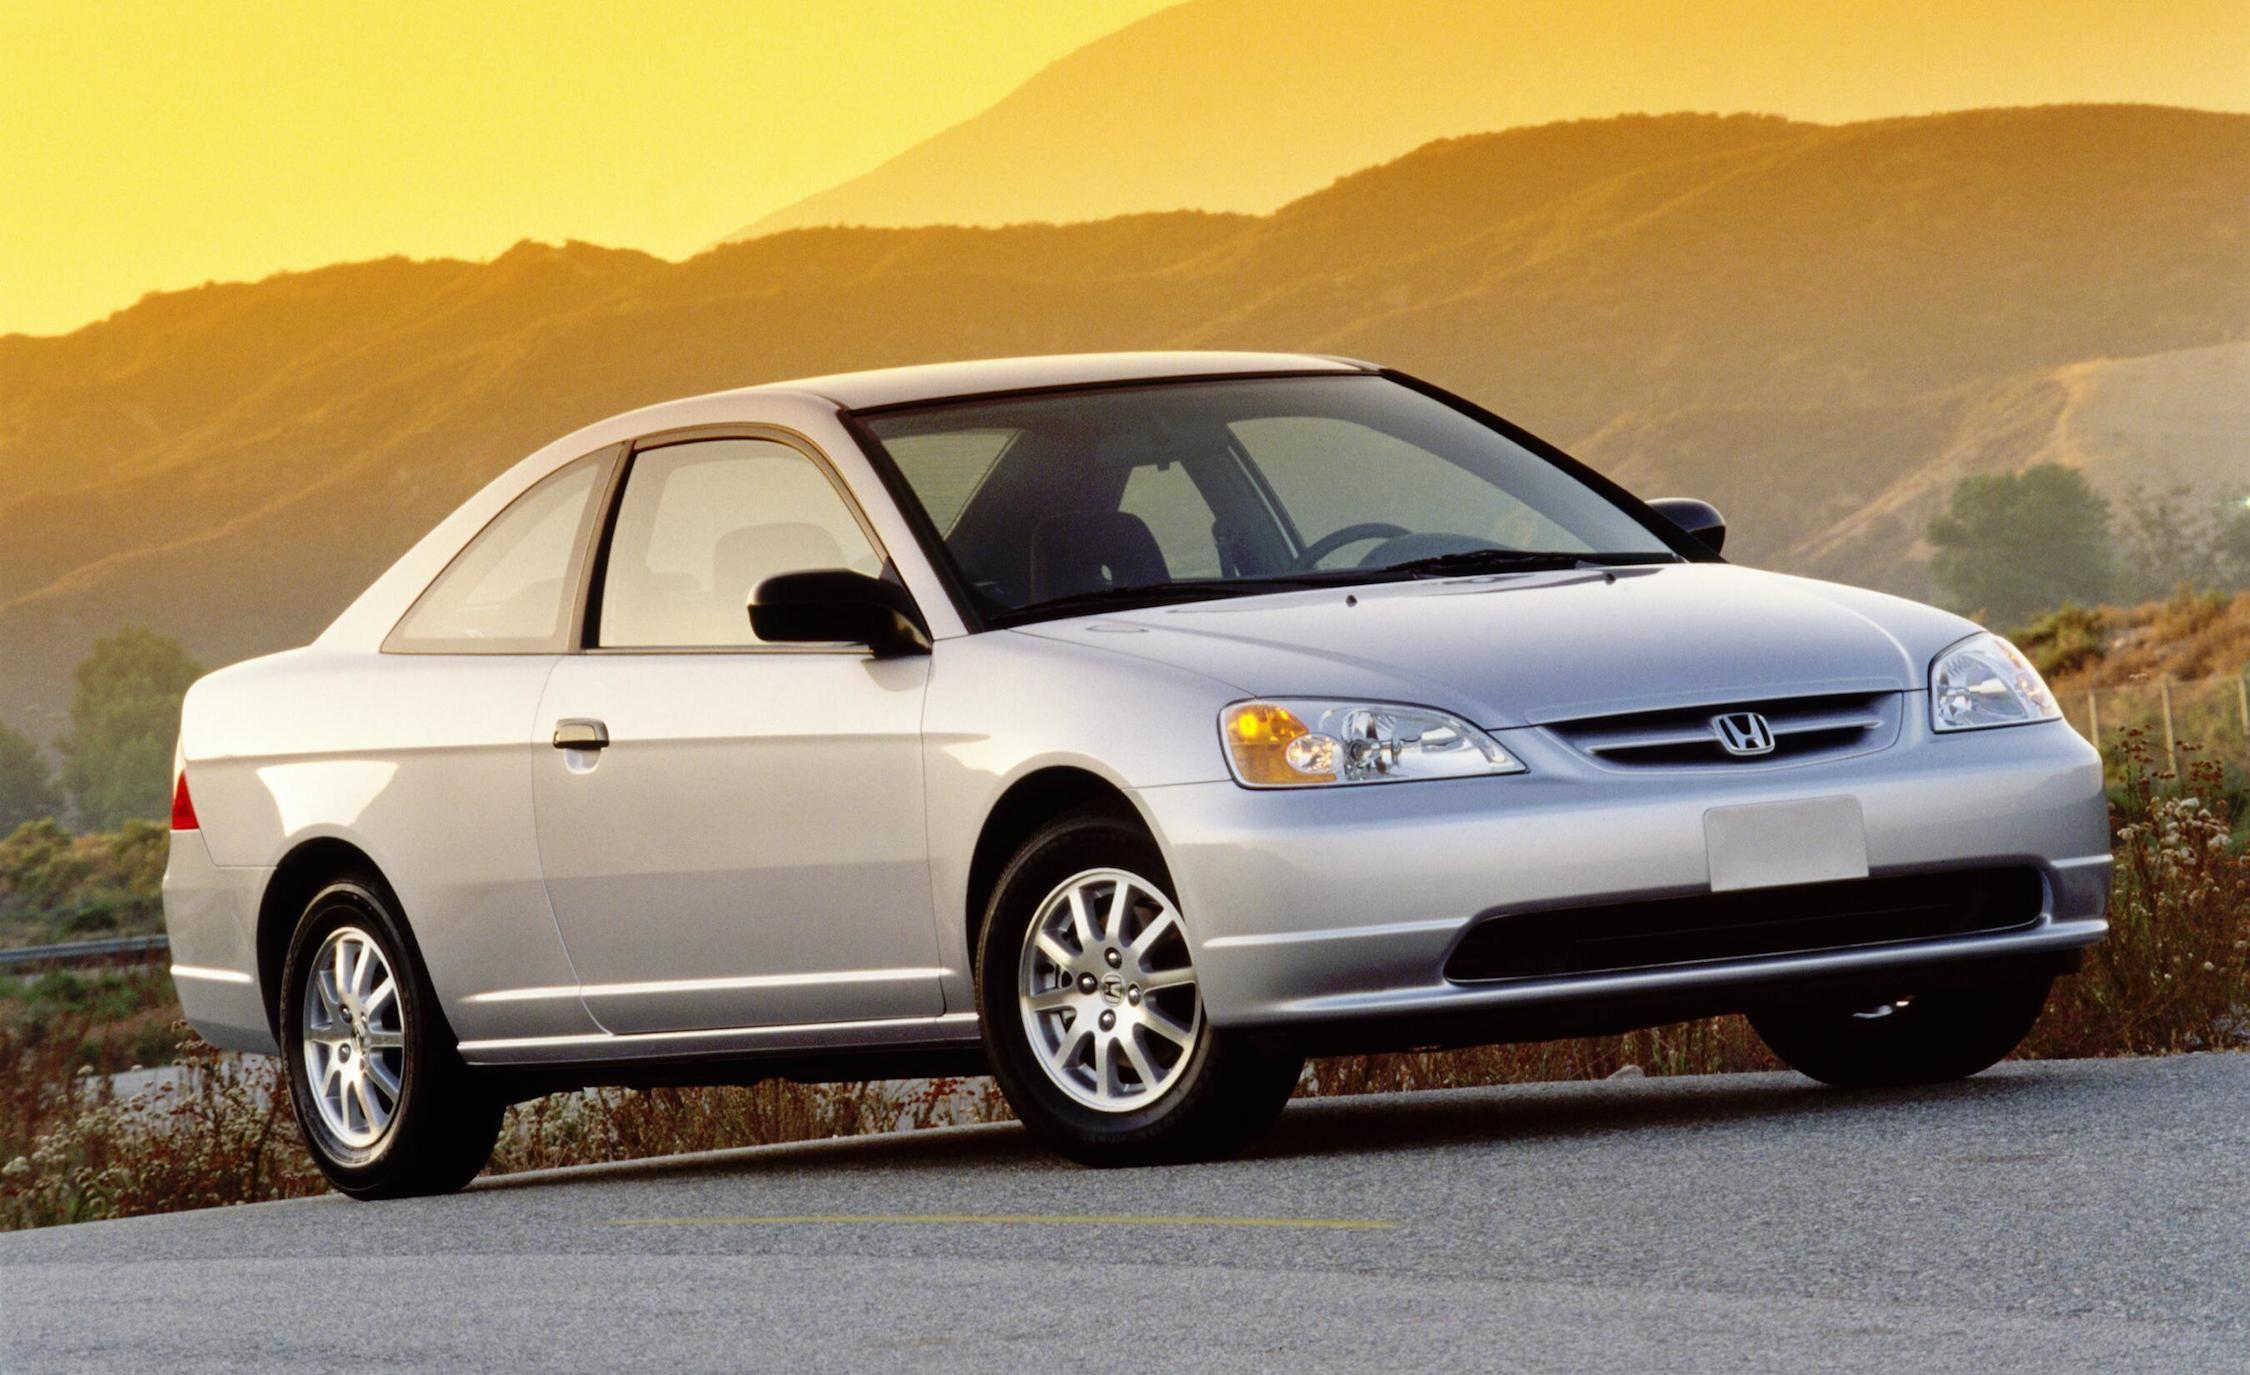 Civic Pride: A Visual History of the Honda Civic